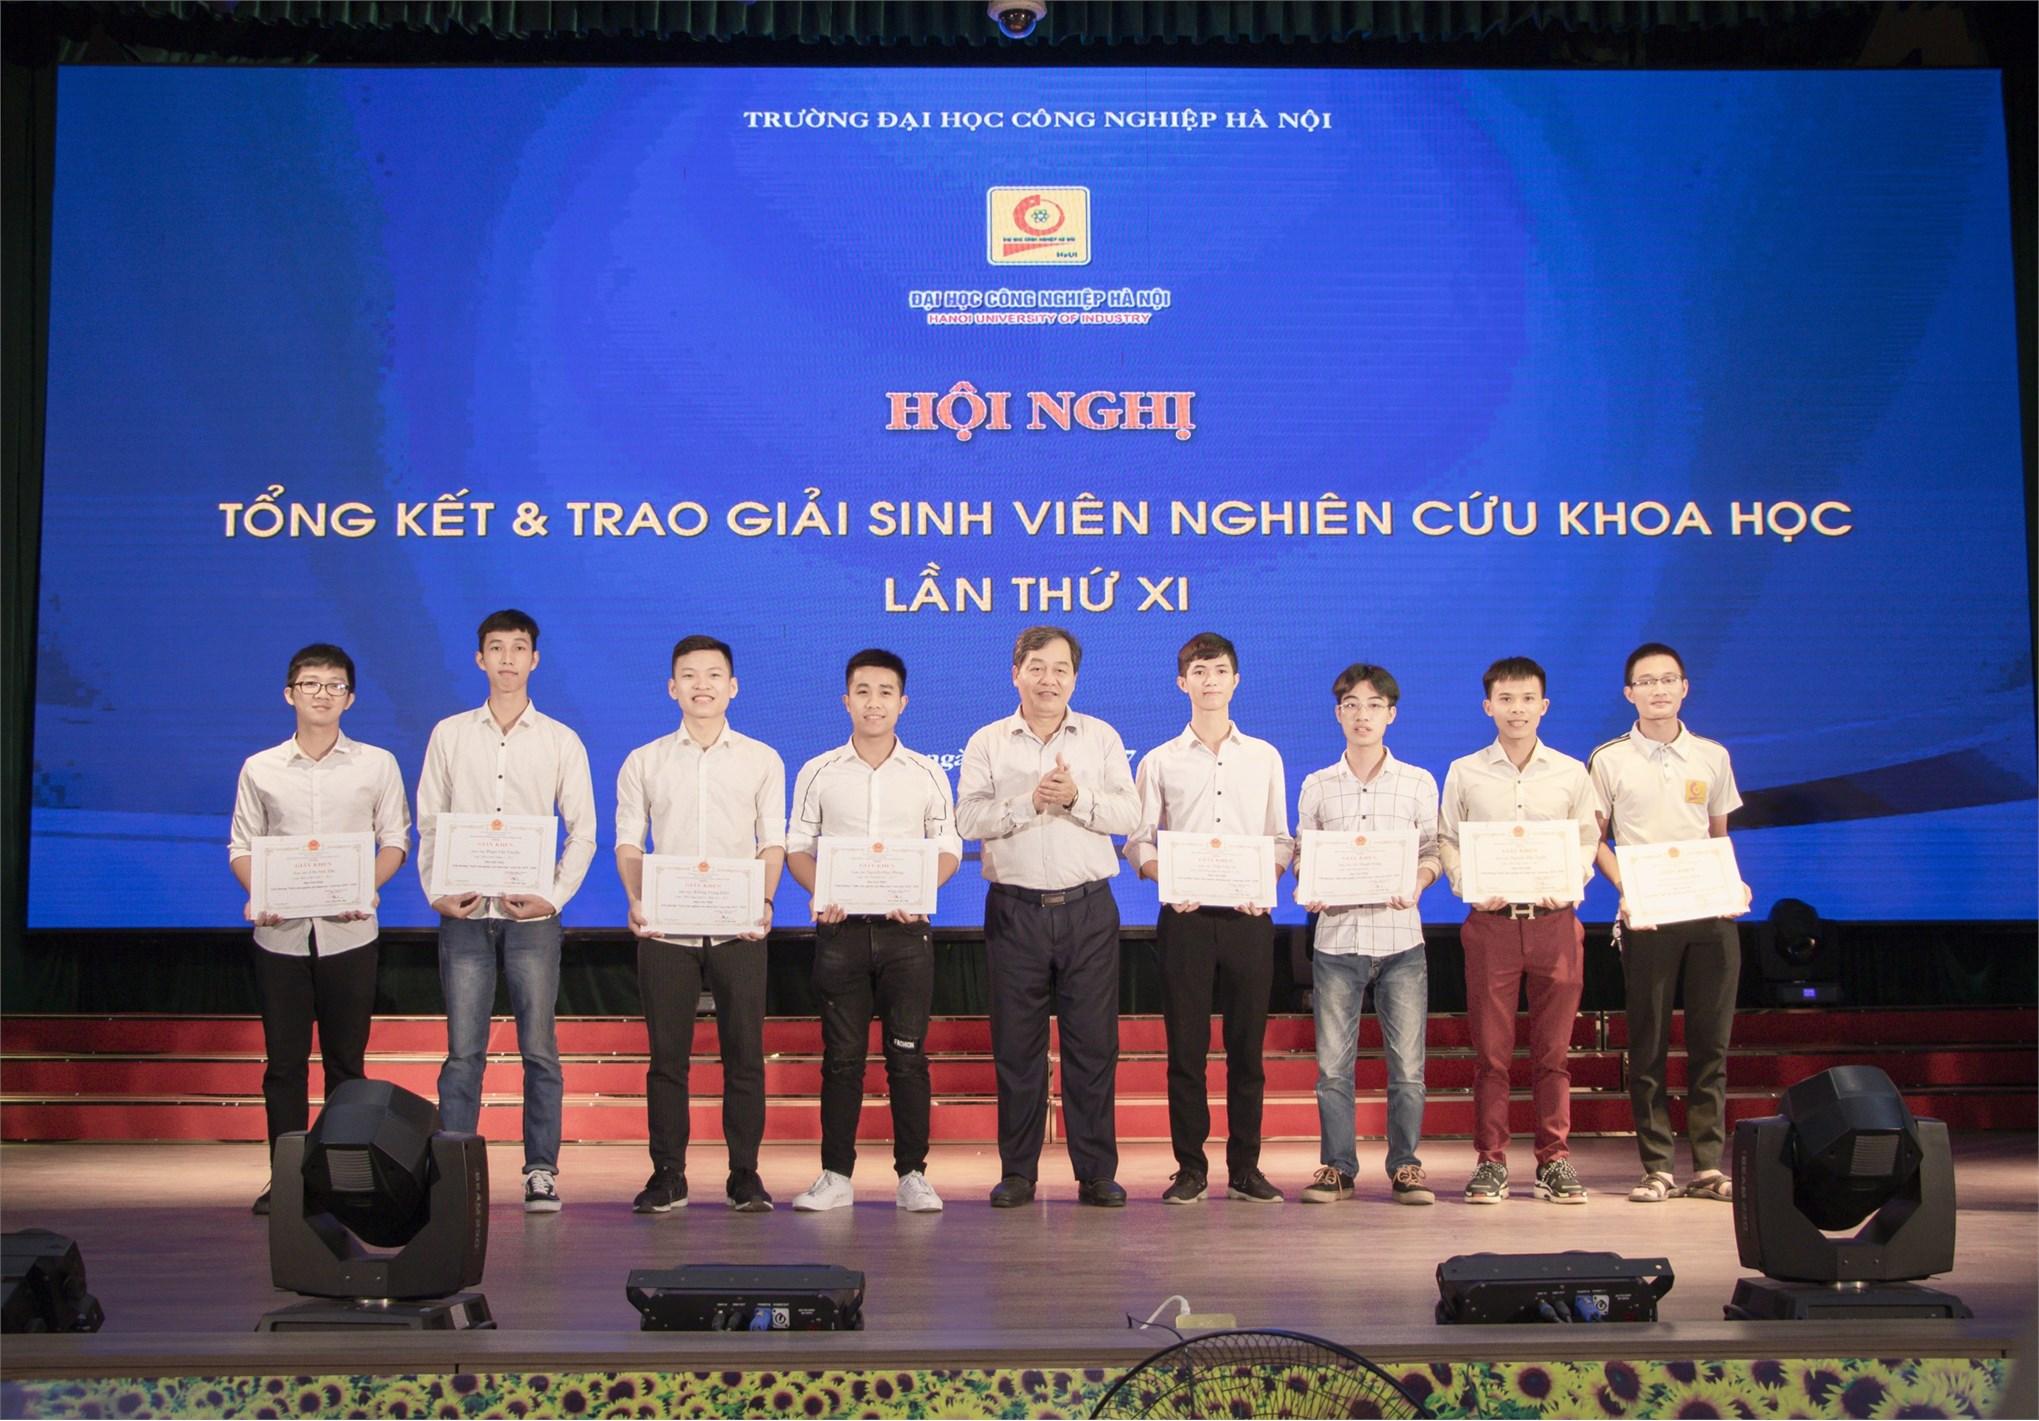 Hai giải nhất, Ba giải nhì, Ba giải ba được trao cho nhóm sinh viên NCKH Khoa công nghệ ô tô trong Hội nghị tổng kết và trao giải sinh viên nghiên cứu khoa học lần thứ XI, năm học 2019 - 2020.